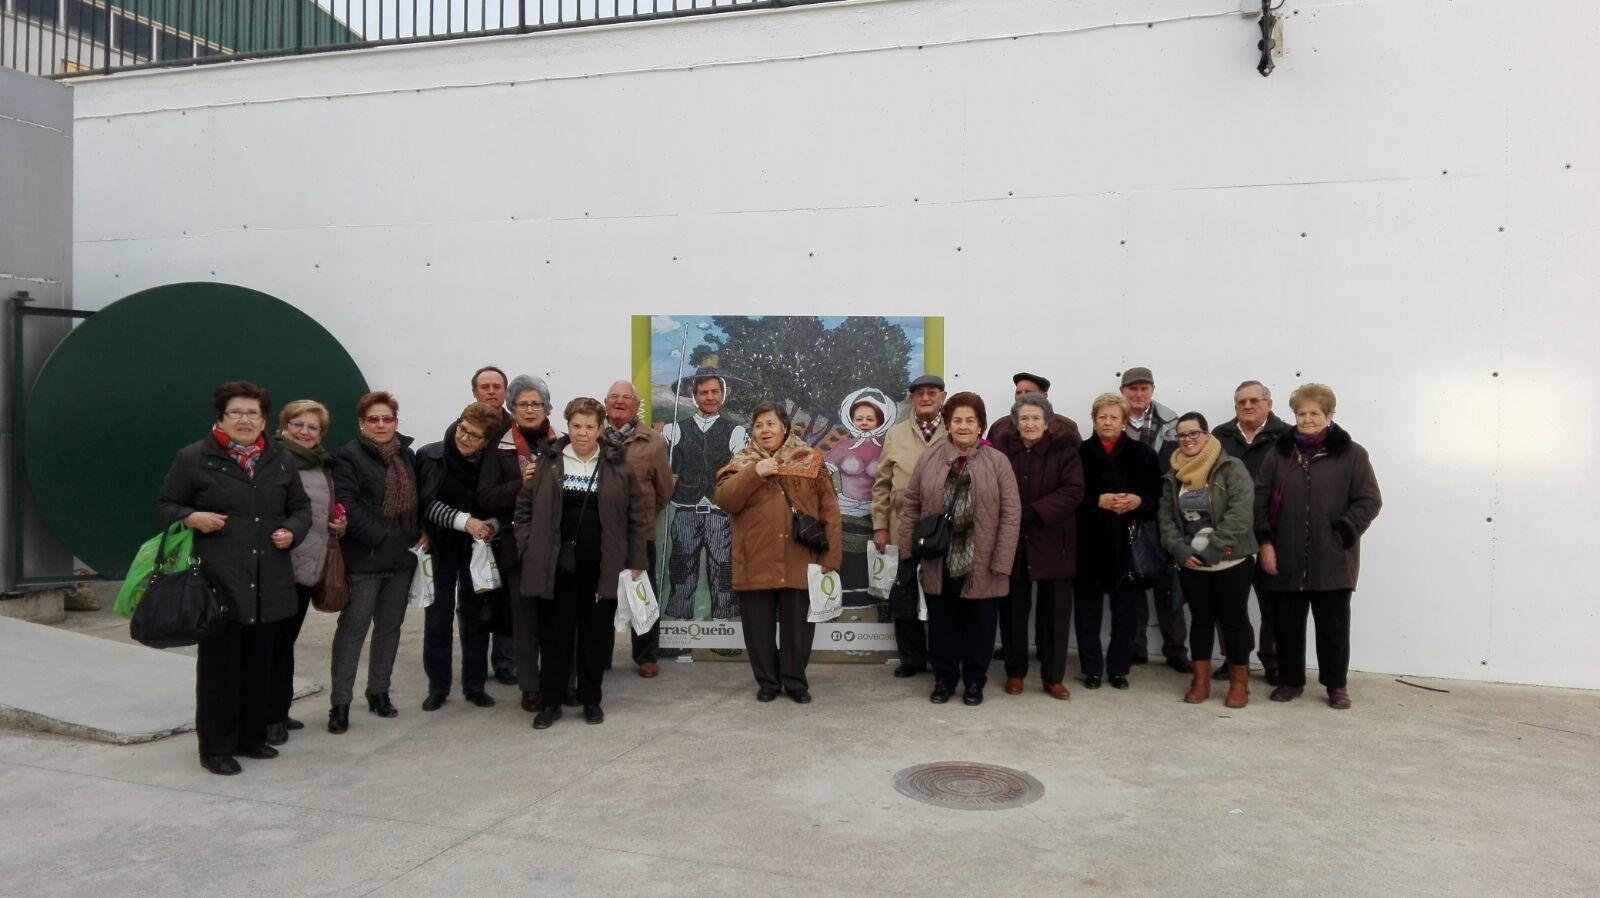 Ayer nos visitaron de Jaén, conocieron nuestra almazara y nuestro museo del aceite de oliva. #AOVE #OLEOTOUR